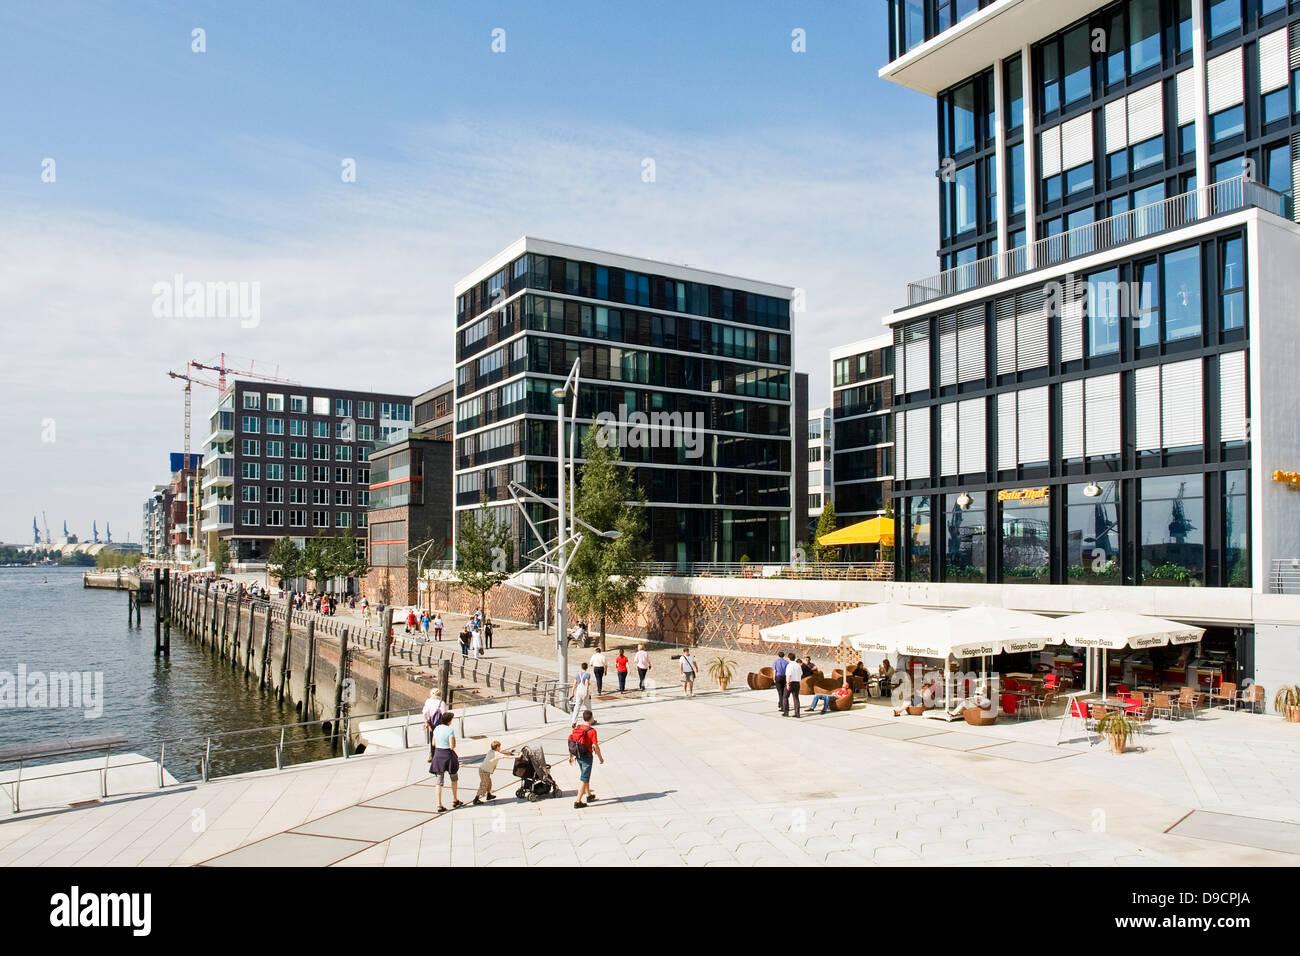 Moderne Architektur In Der HafenCity In Hamburg , Modern Architecture In  The HafenCity In Hamburg,